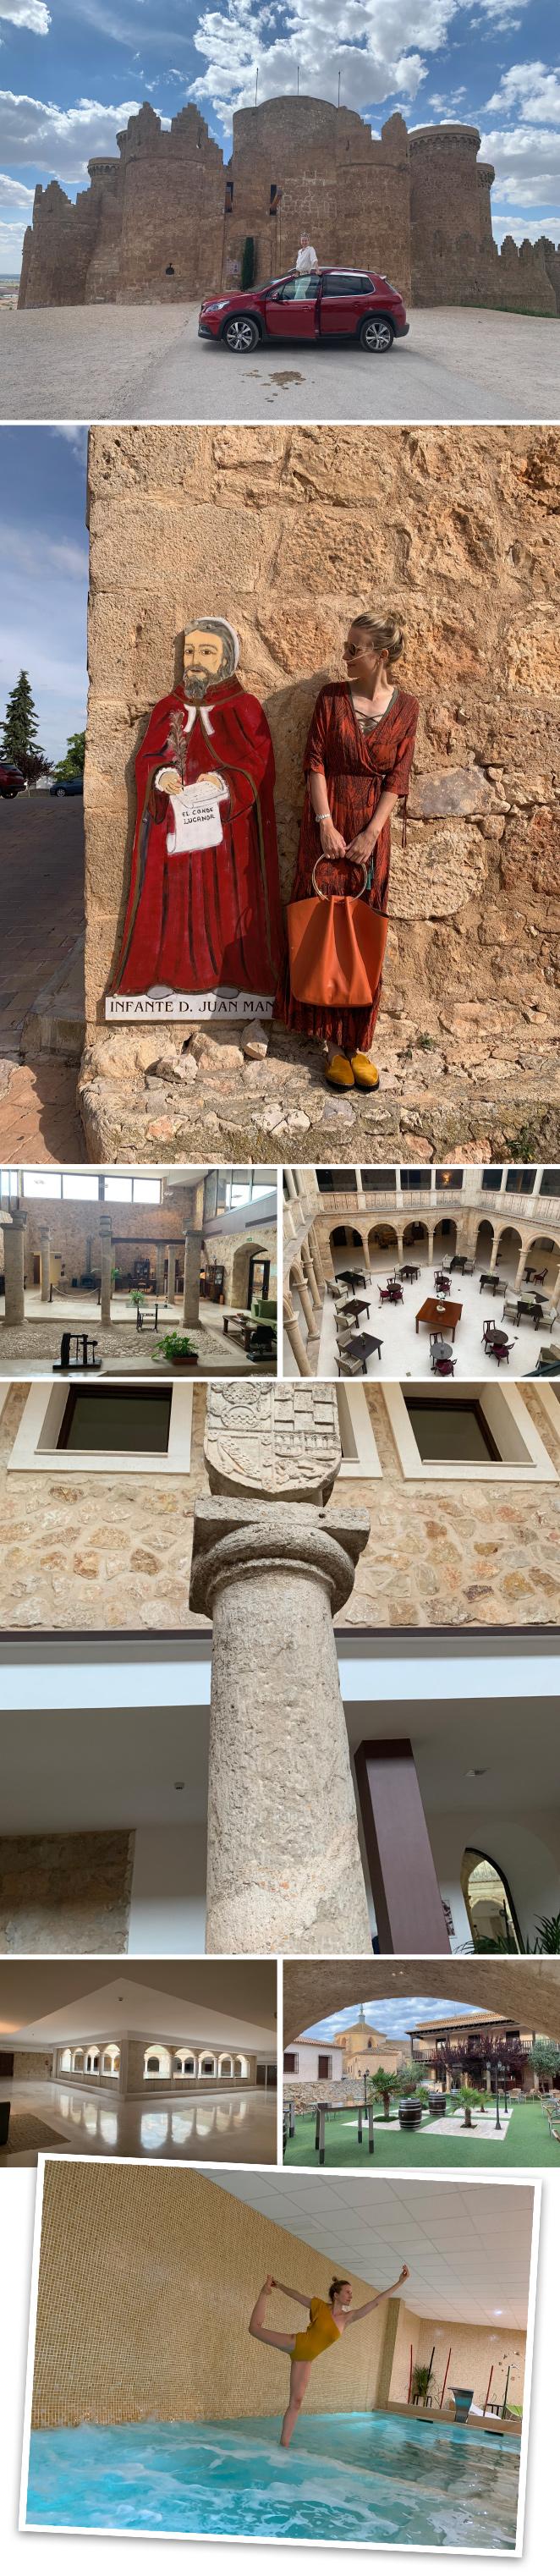 El Hotel Spa Palacio del Infante Don Juan Manuel en Belmonte (Cuenca) ubicado en un antiguo Palacio y Convento del S.XIV espectacularmente reconstruído que cuenta también con un Spa para relajarse.